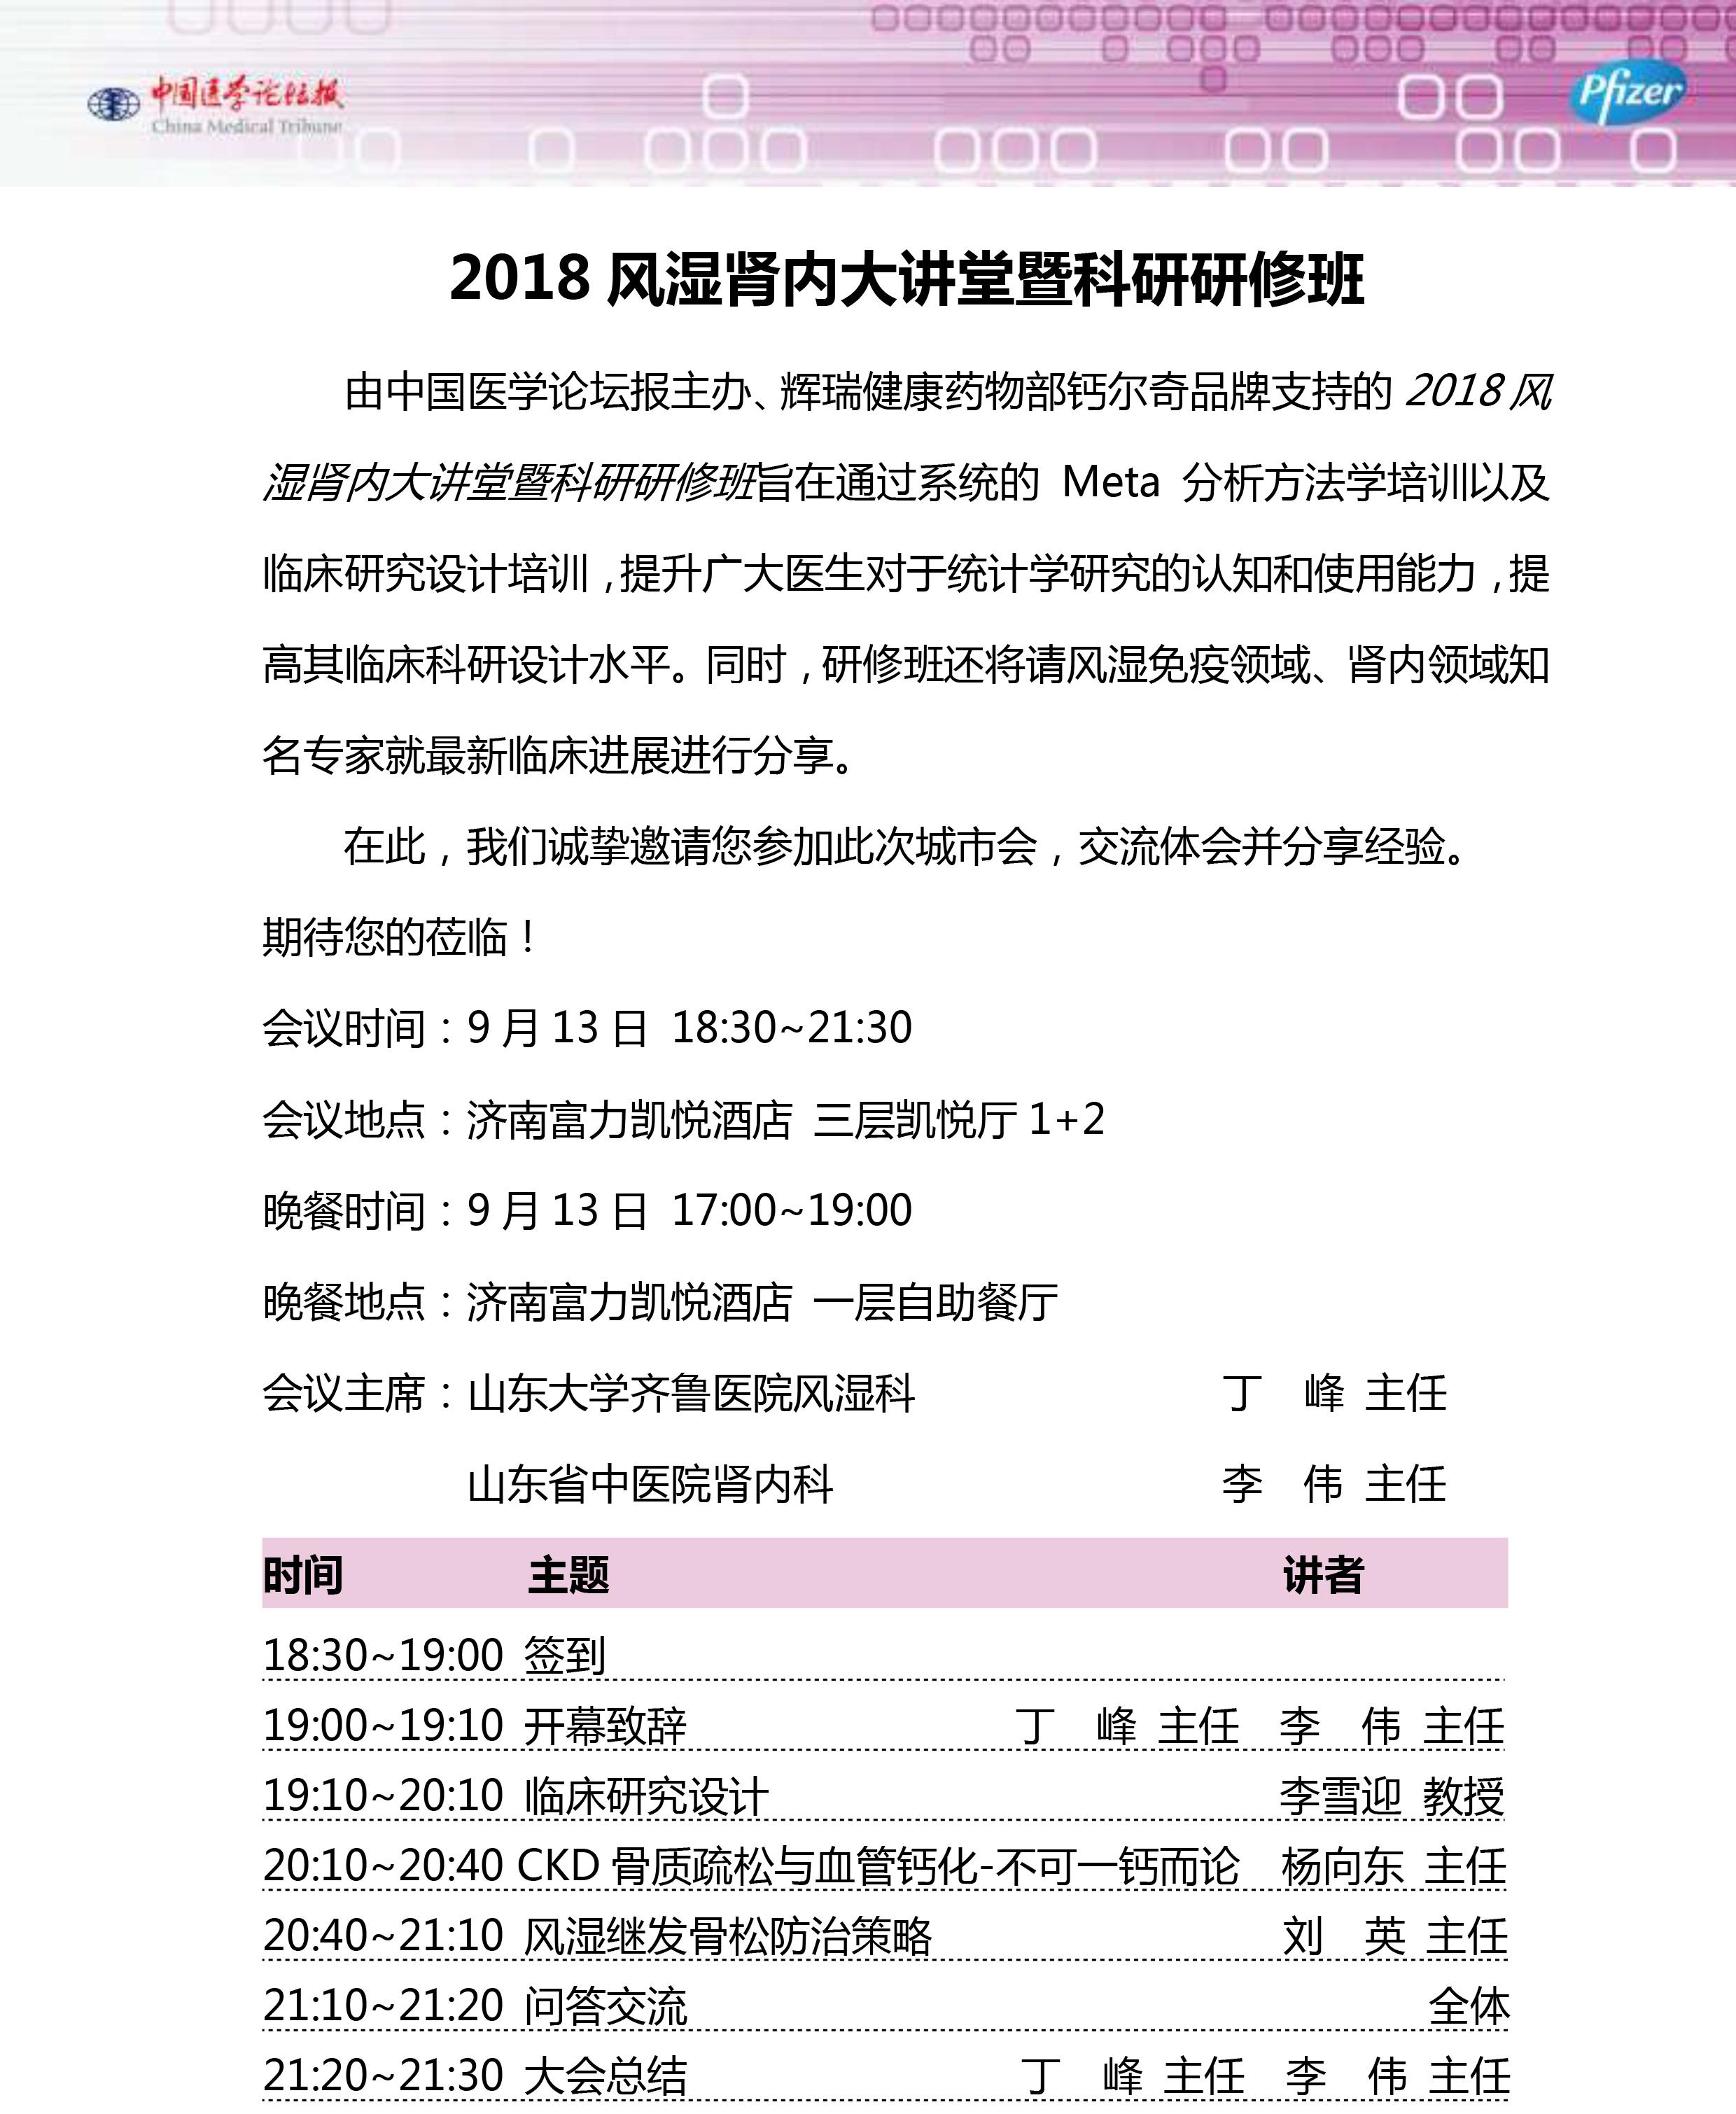 9.13济南会议日程.jpg